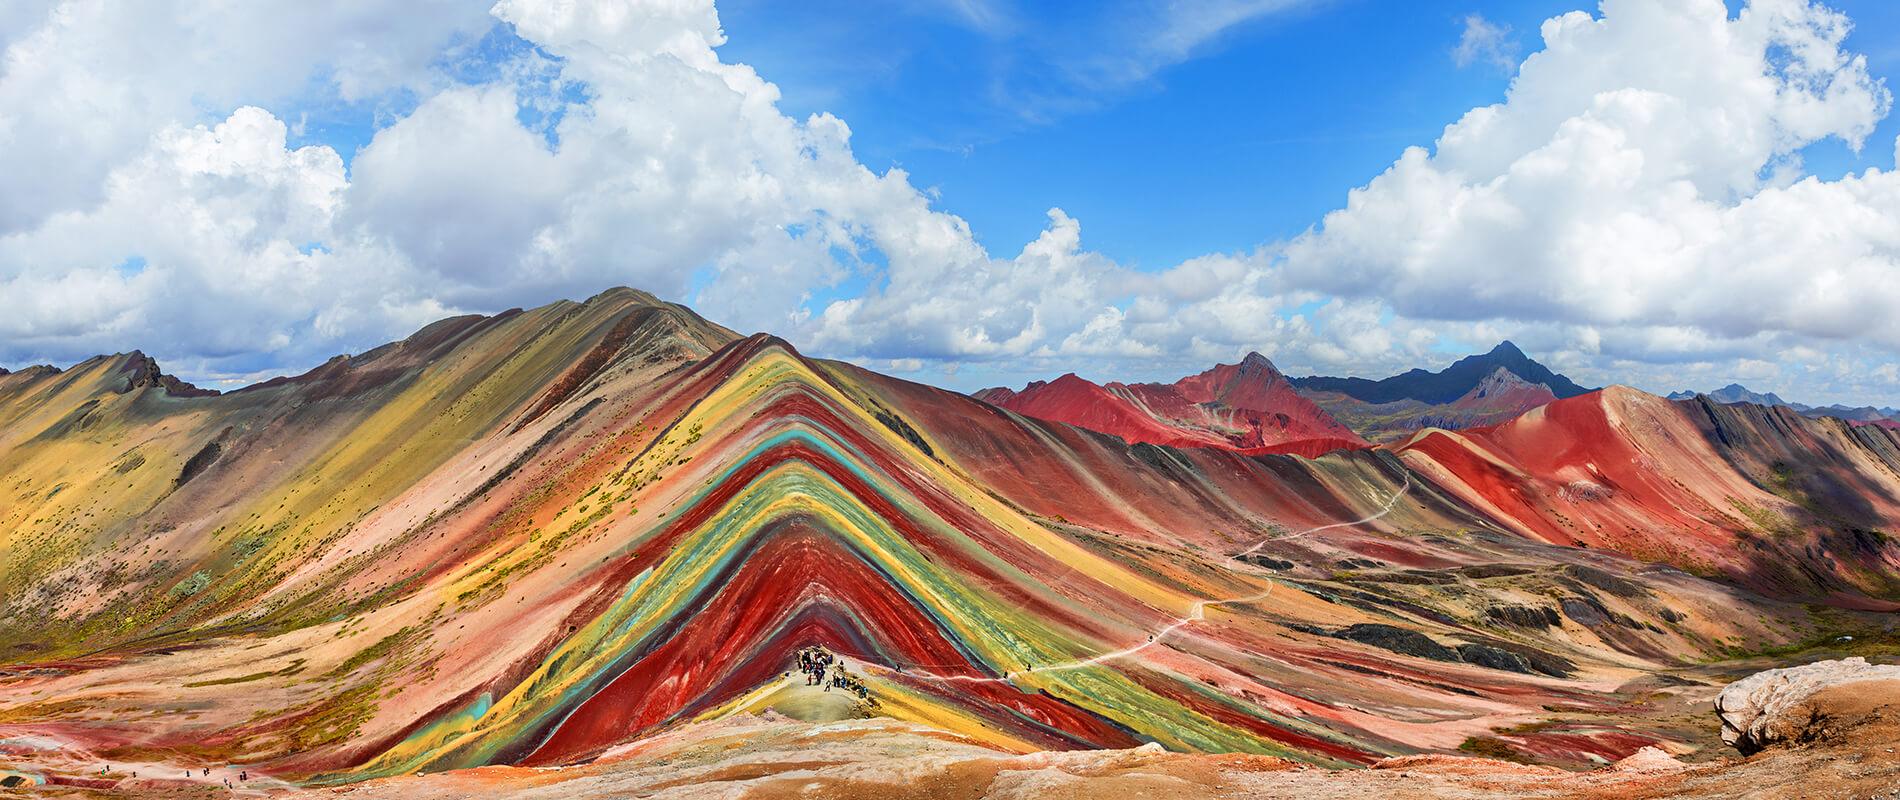 Vinicunca, la montagna arcobaleno del Perù